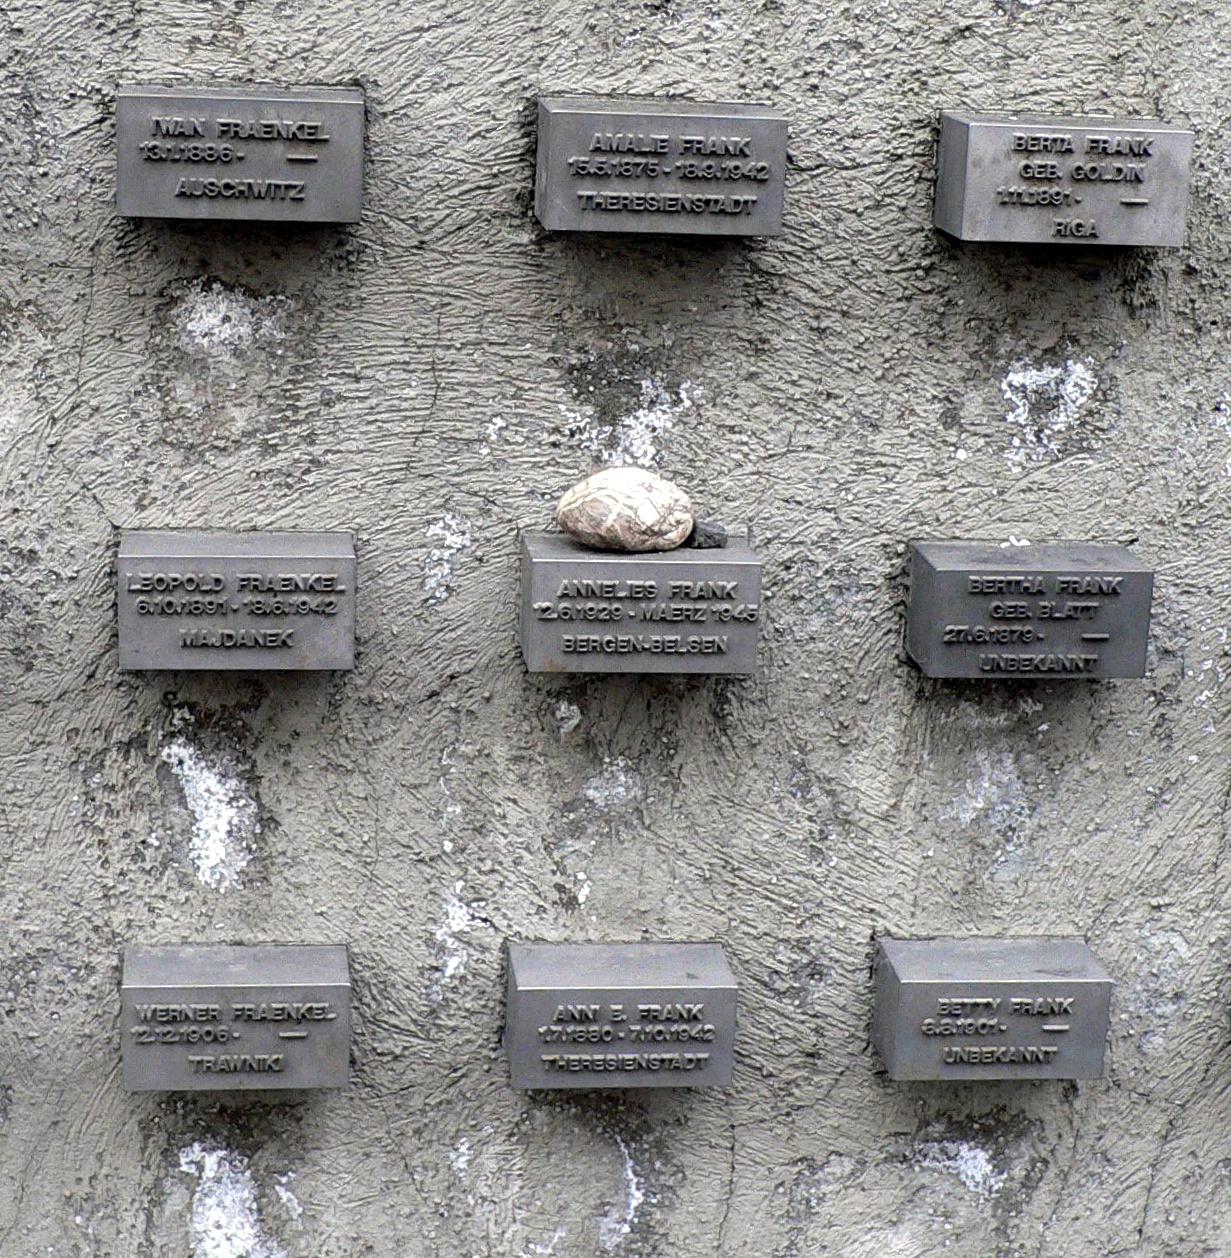 gedenksteine ausschnitt mit stein fr anne frank